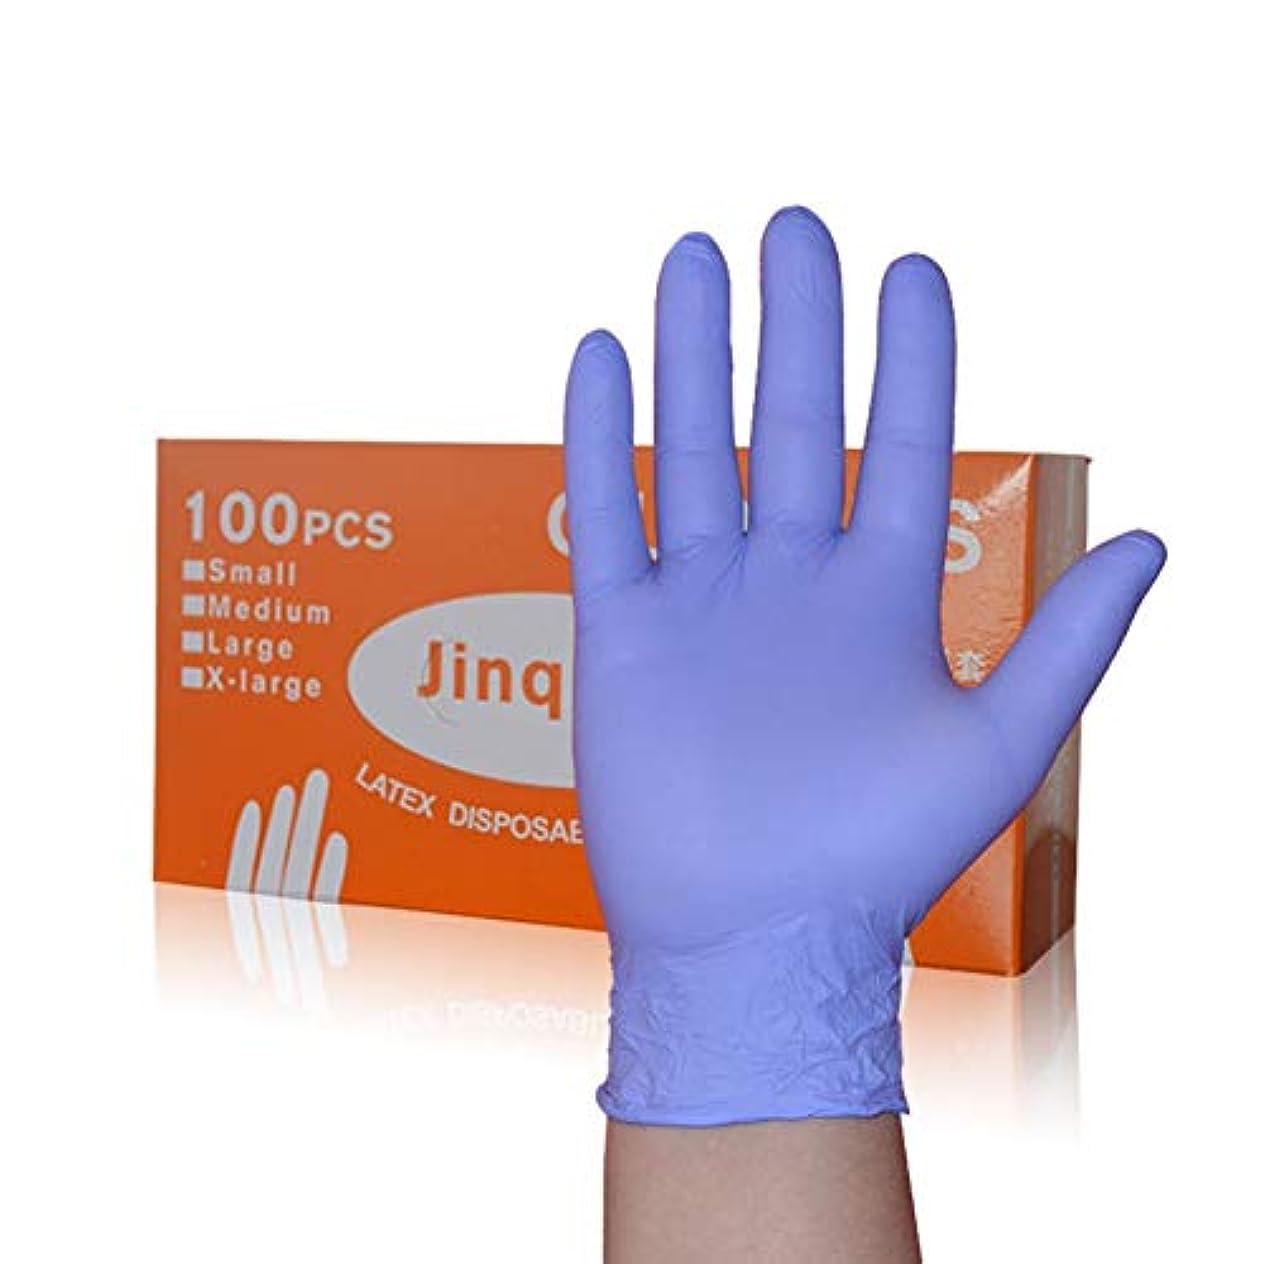 地雷原ファシズムコンパニオン箱入りA級Dingqing使い捨て手袋食品キッチンケータリング家事歯科手袋 YANW (色 : 紫の, サイズ さいず : L l)